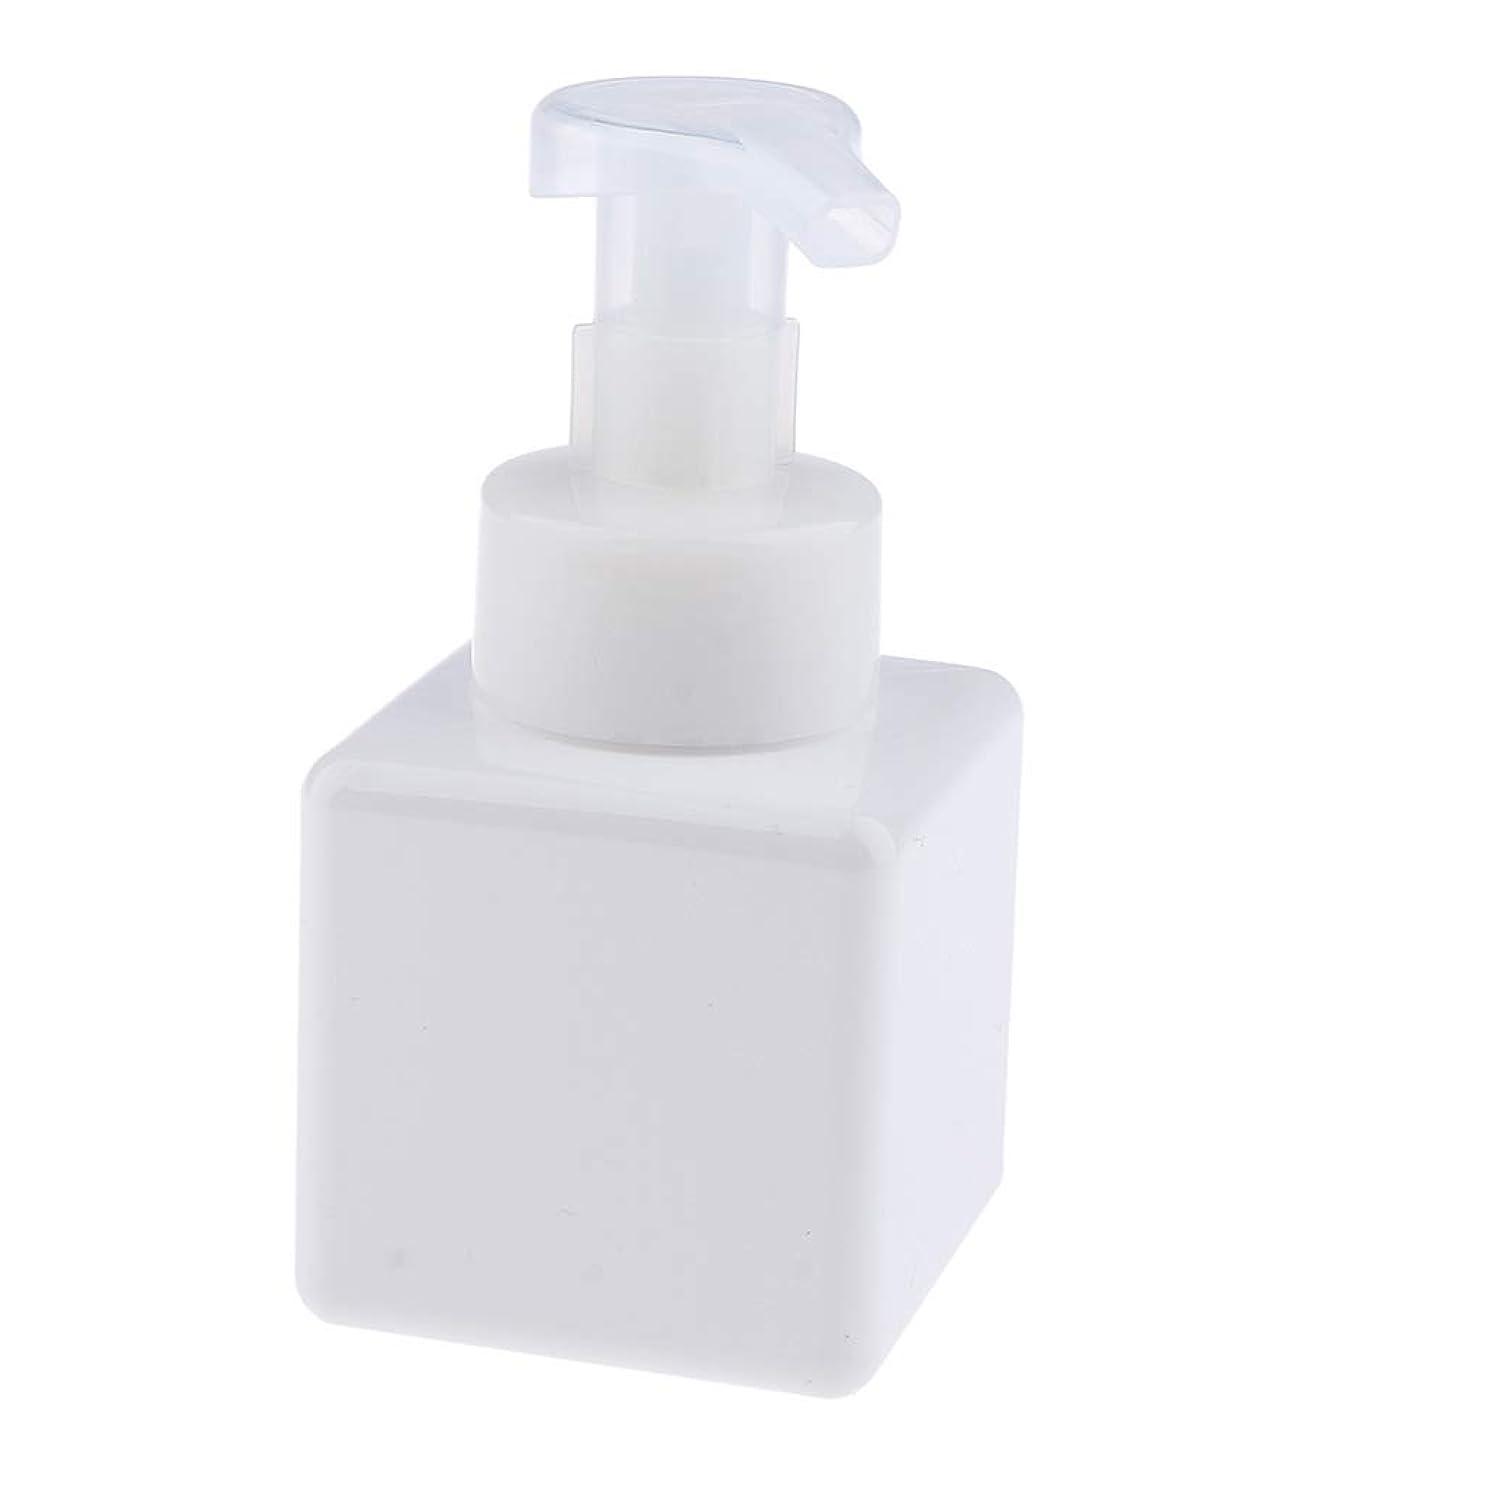 商人試み時計B Blesiya フォームディスペンサー ポンプボトル 250ml 6色選べ - 白